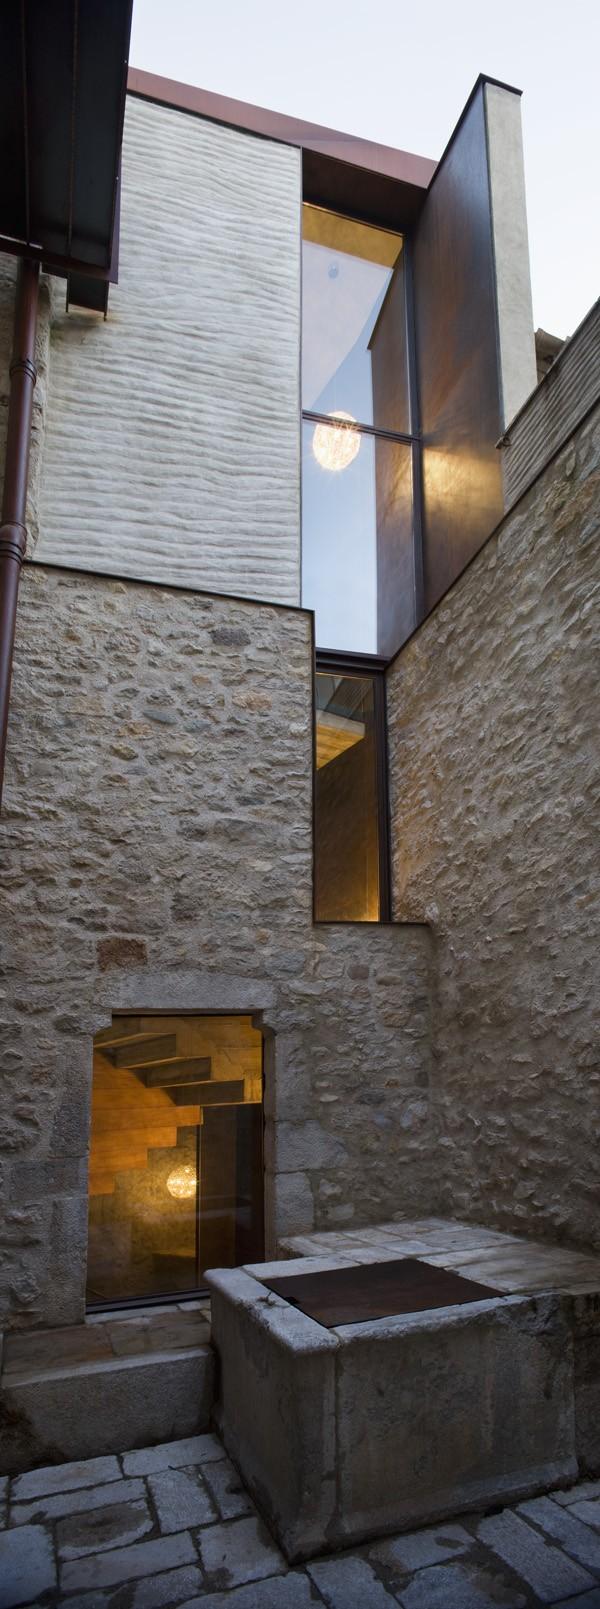 Современное остекление в старом доме средневековой постройки